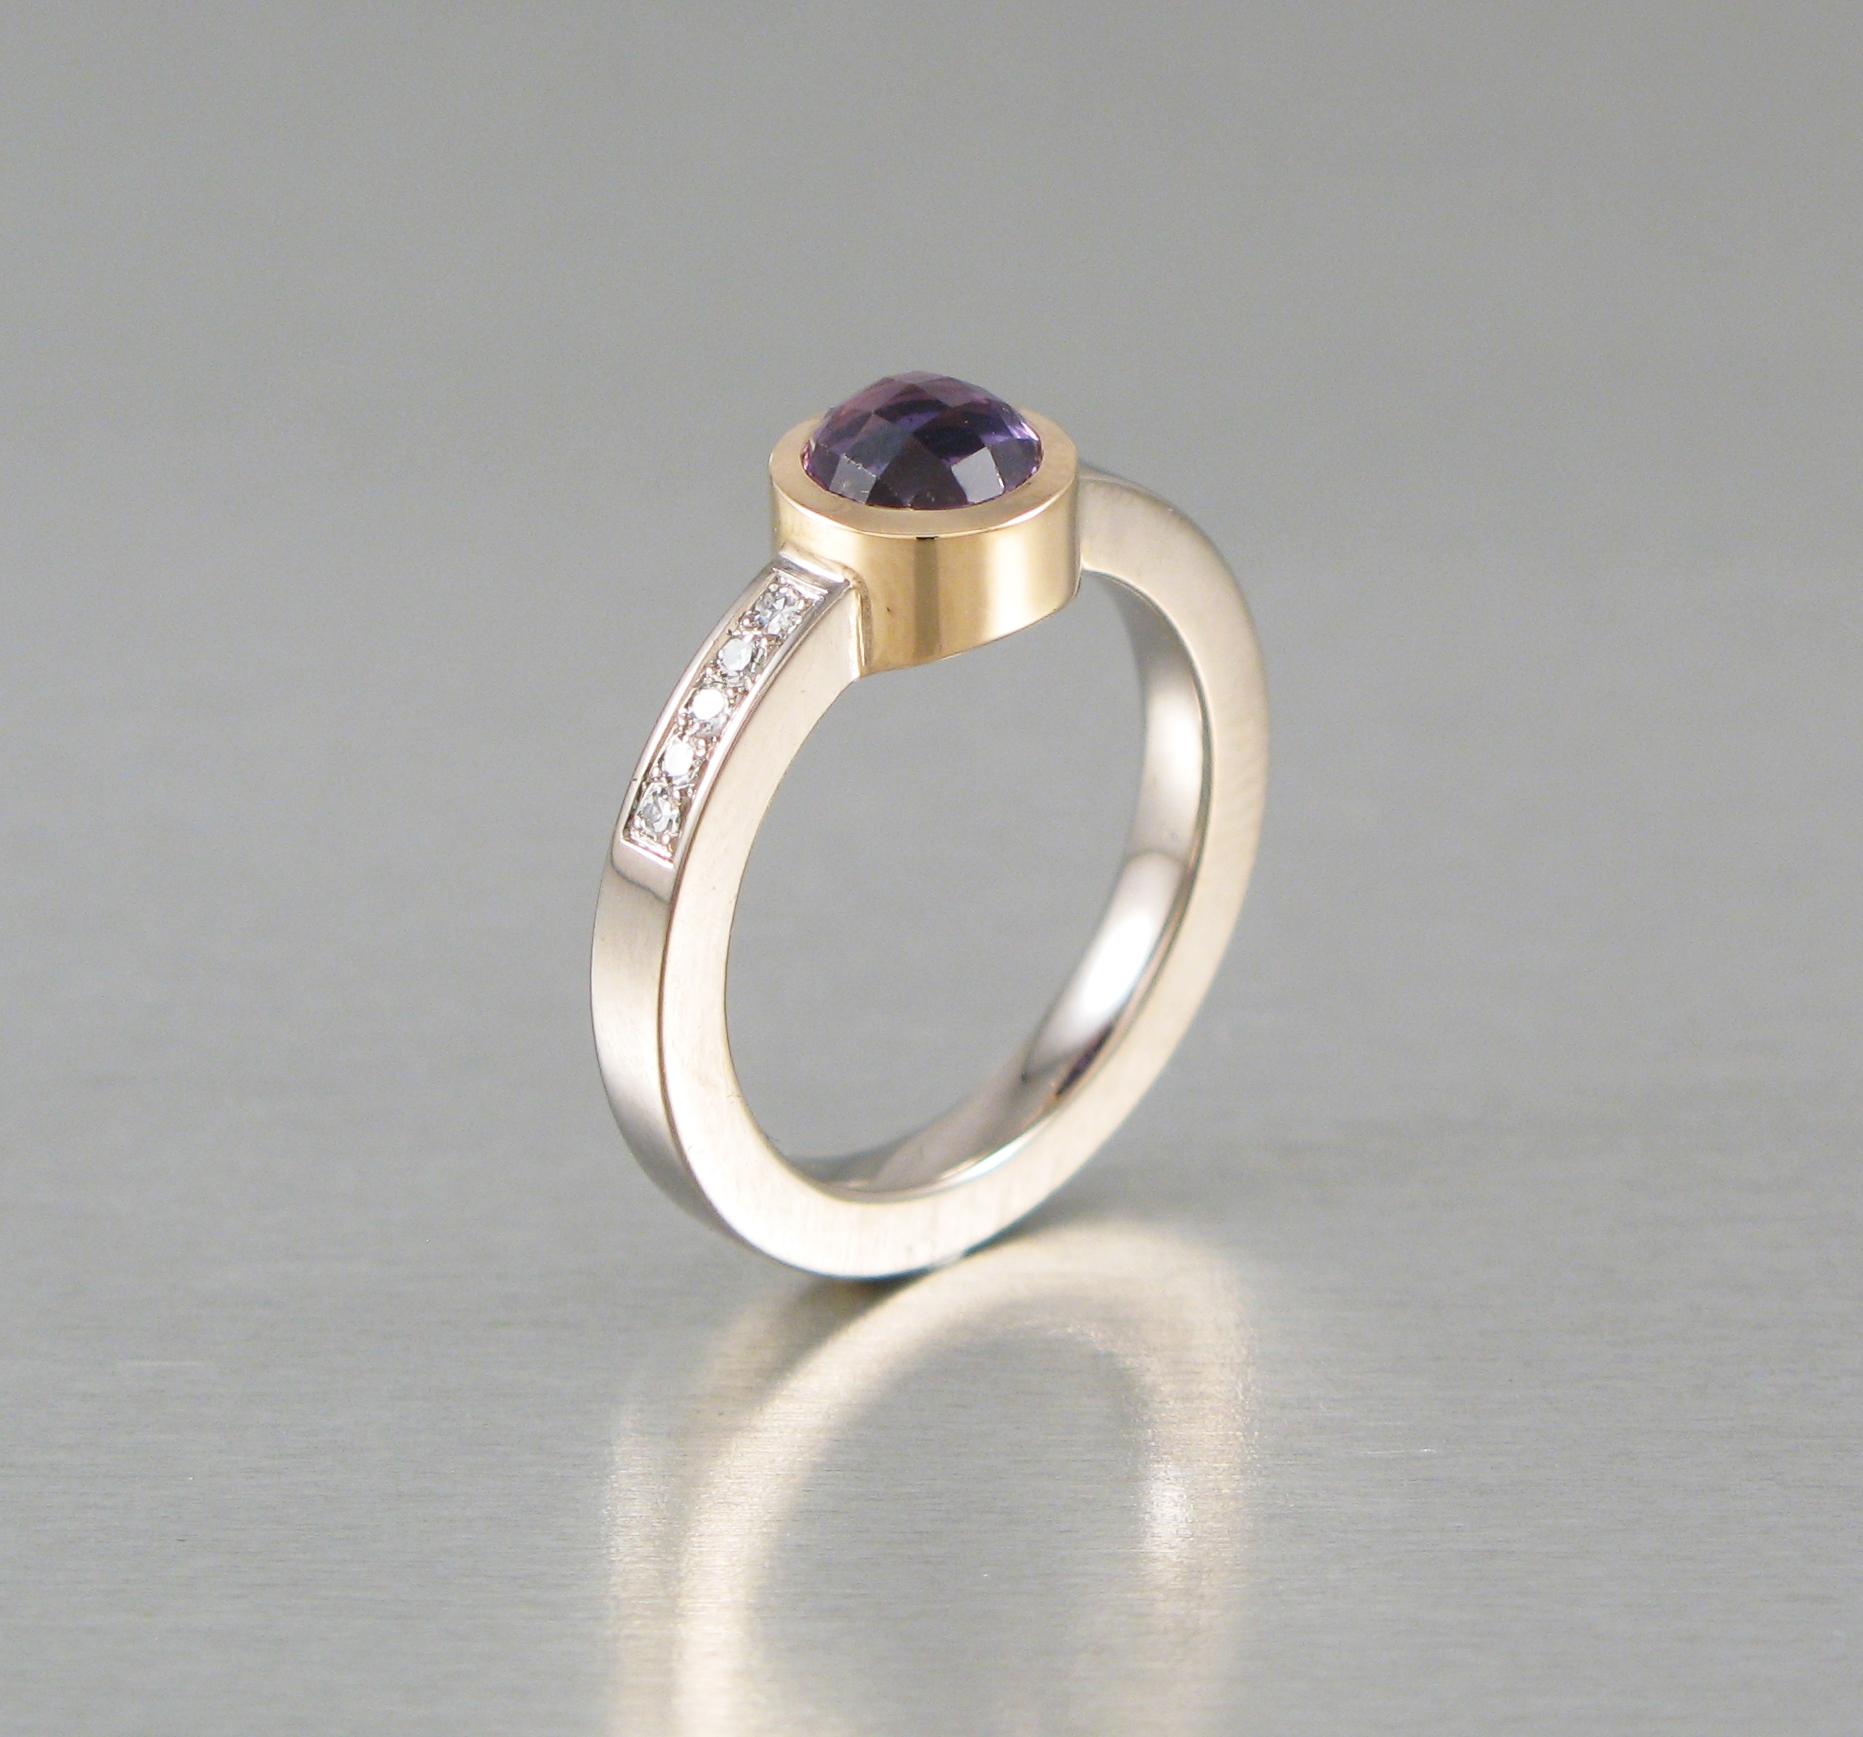 Ring, silver, guld, briljanter och rosenslipad safir.